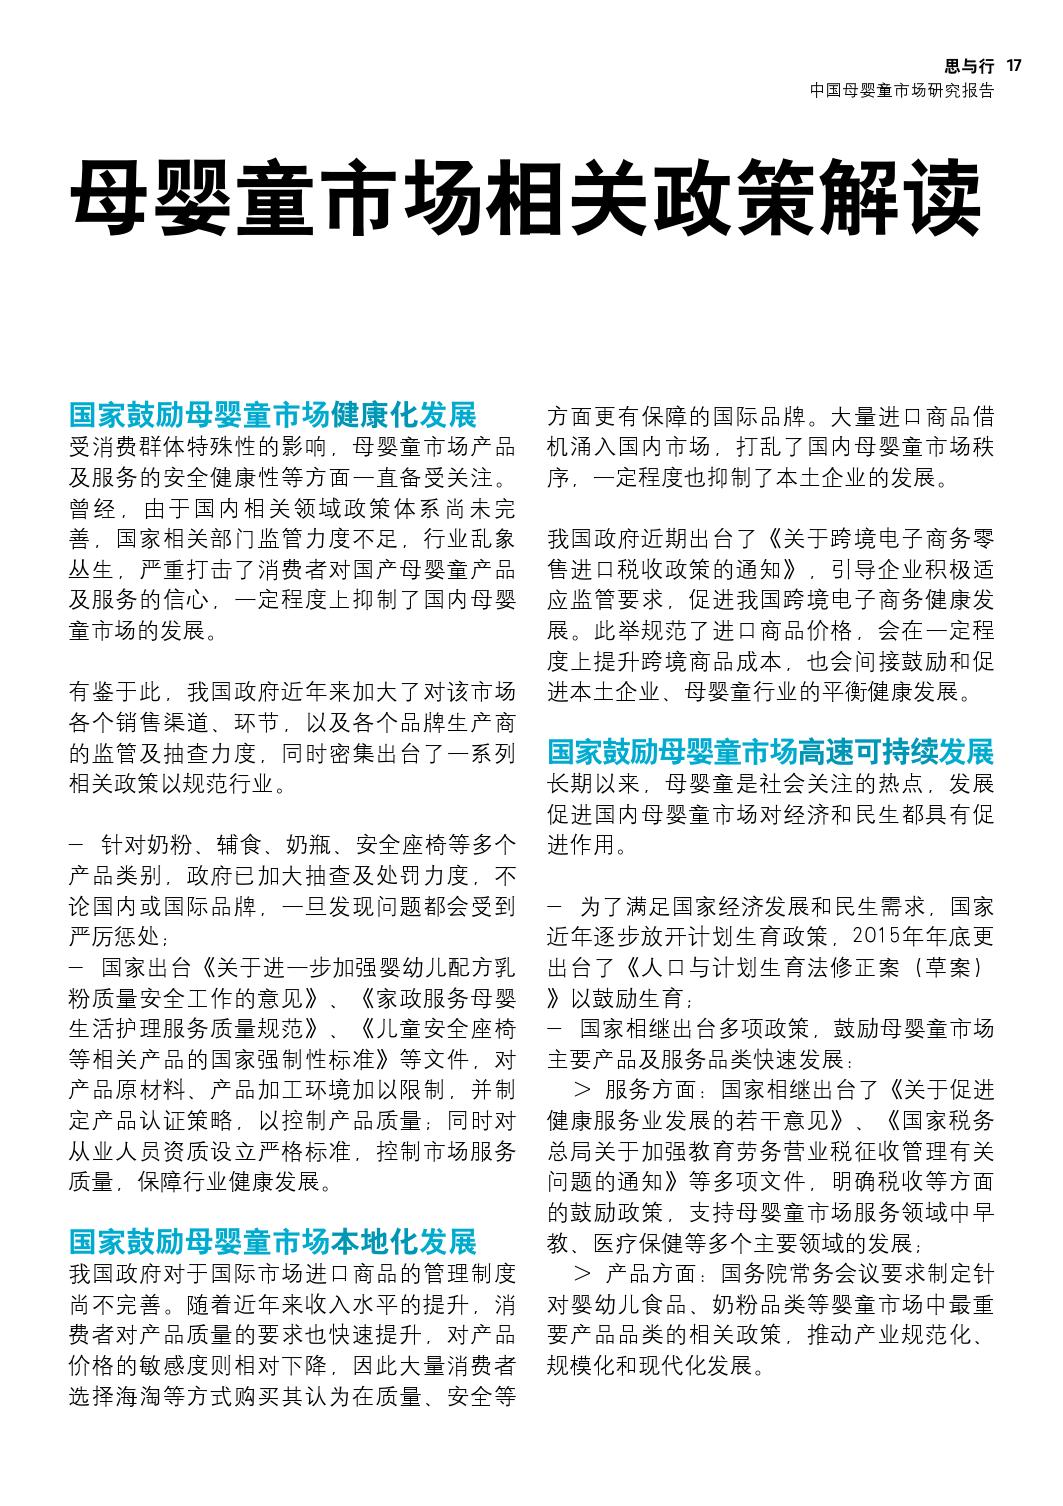 罗兰贝:2016中国母婴童市场研究报告_000017